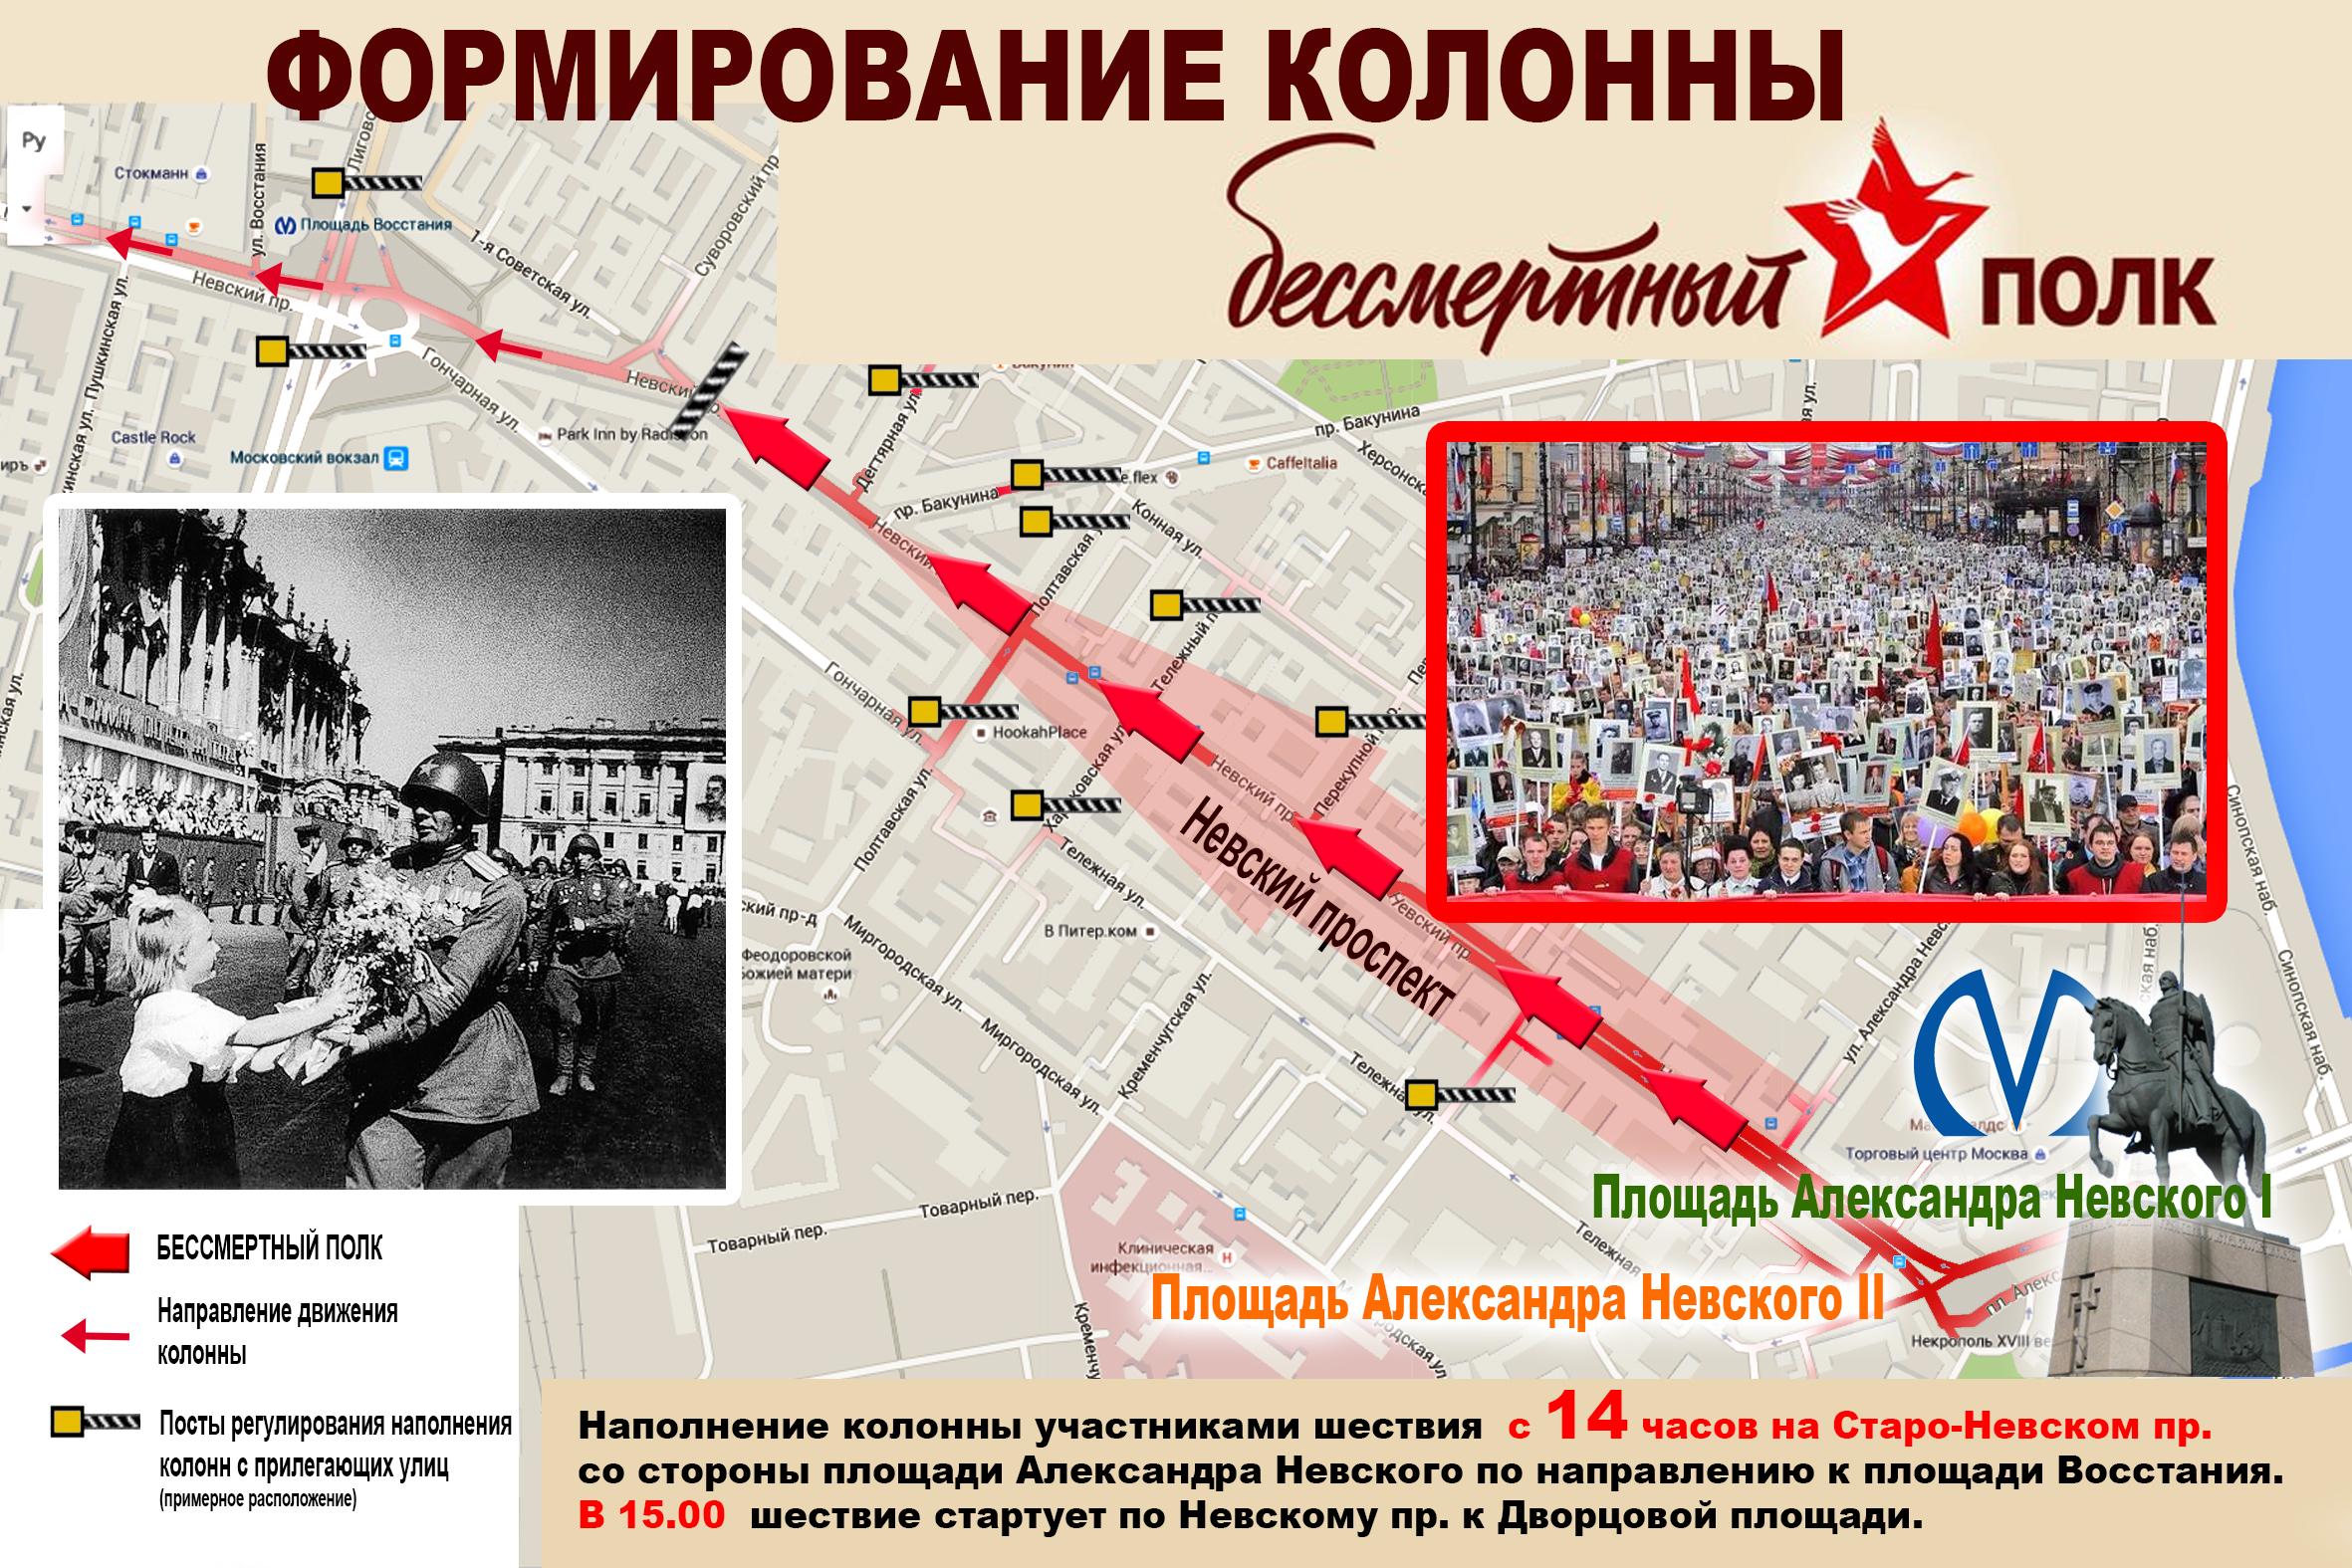 Формирование коллоны Бессмертного Полка в Санкт-Петербурге